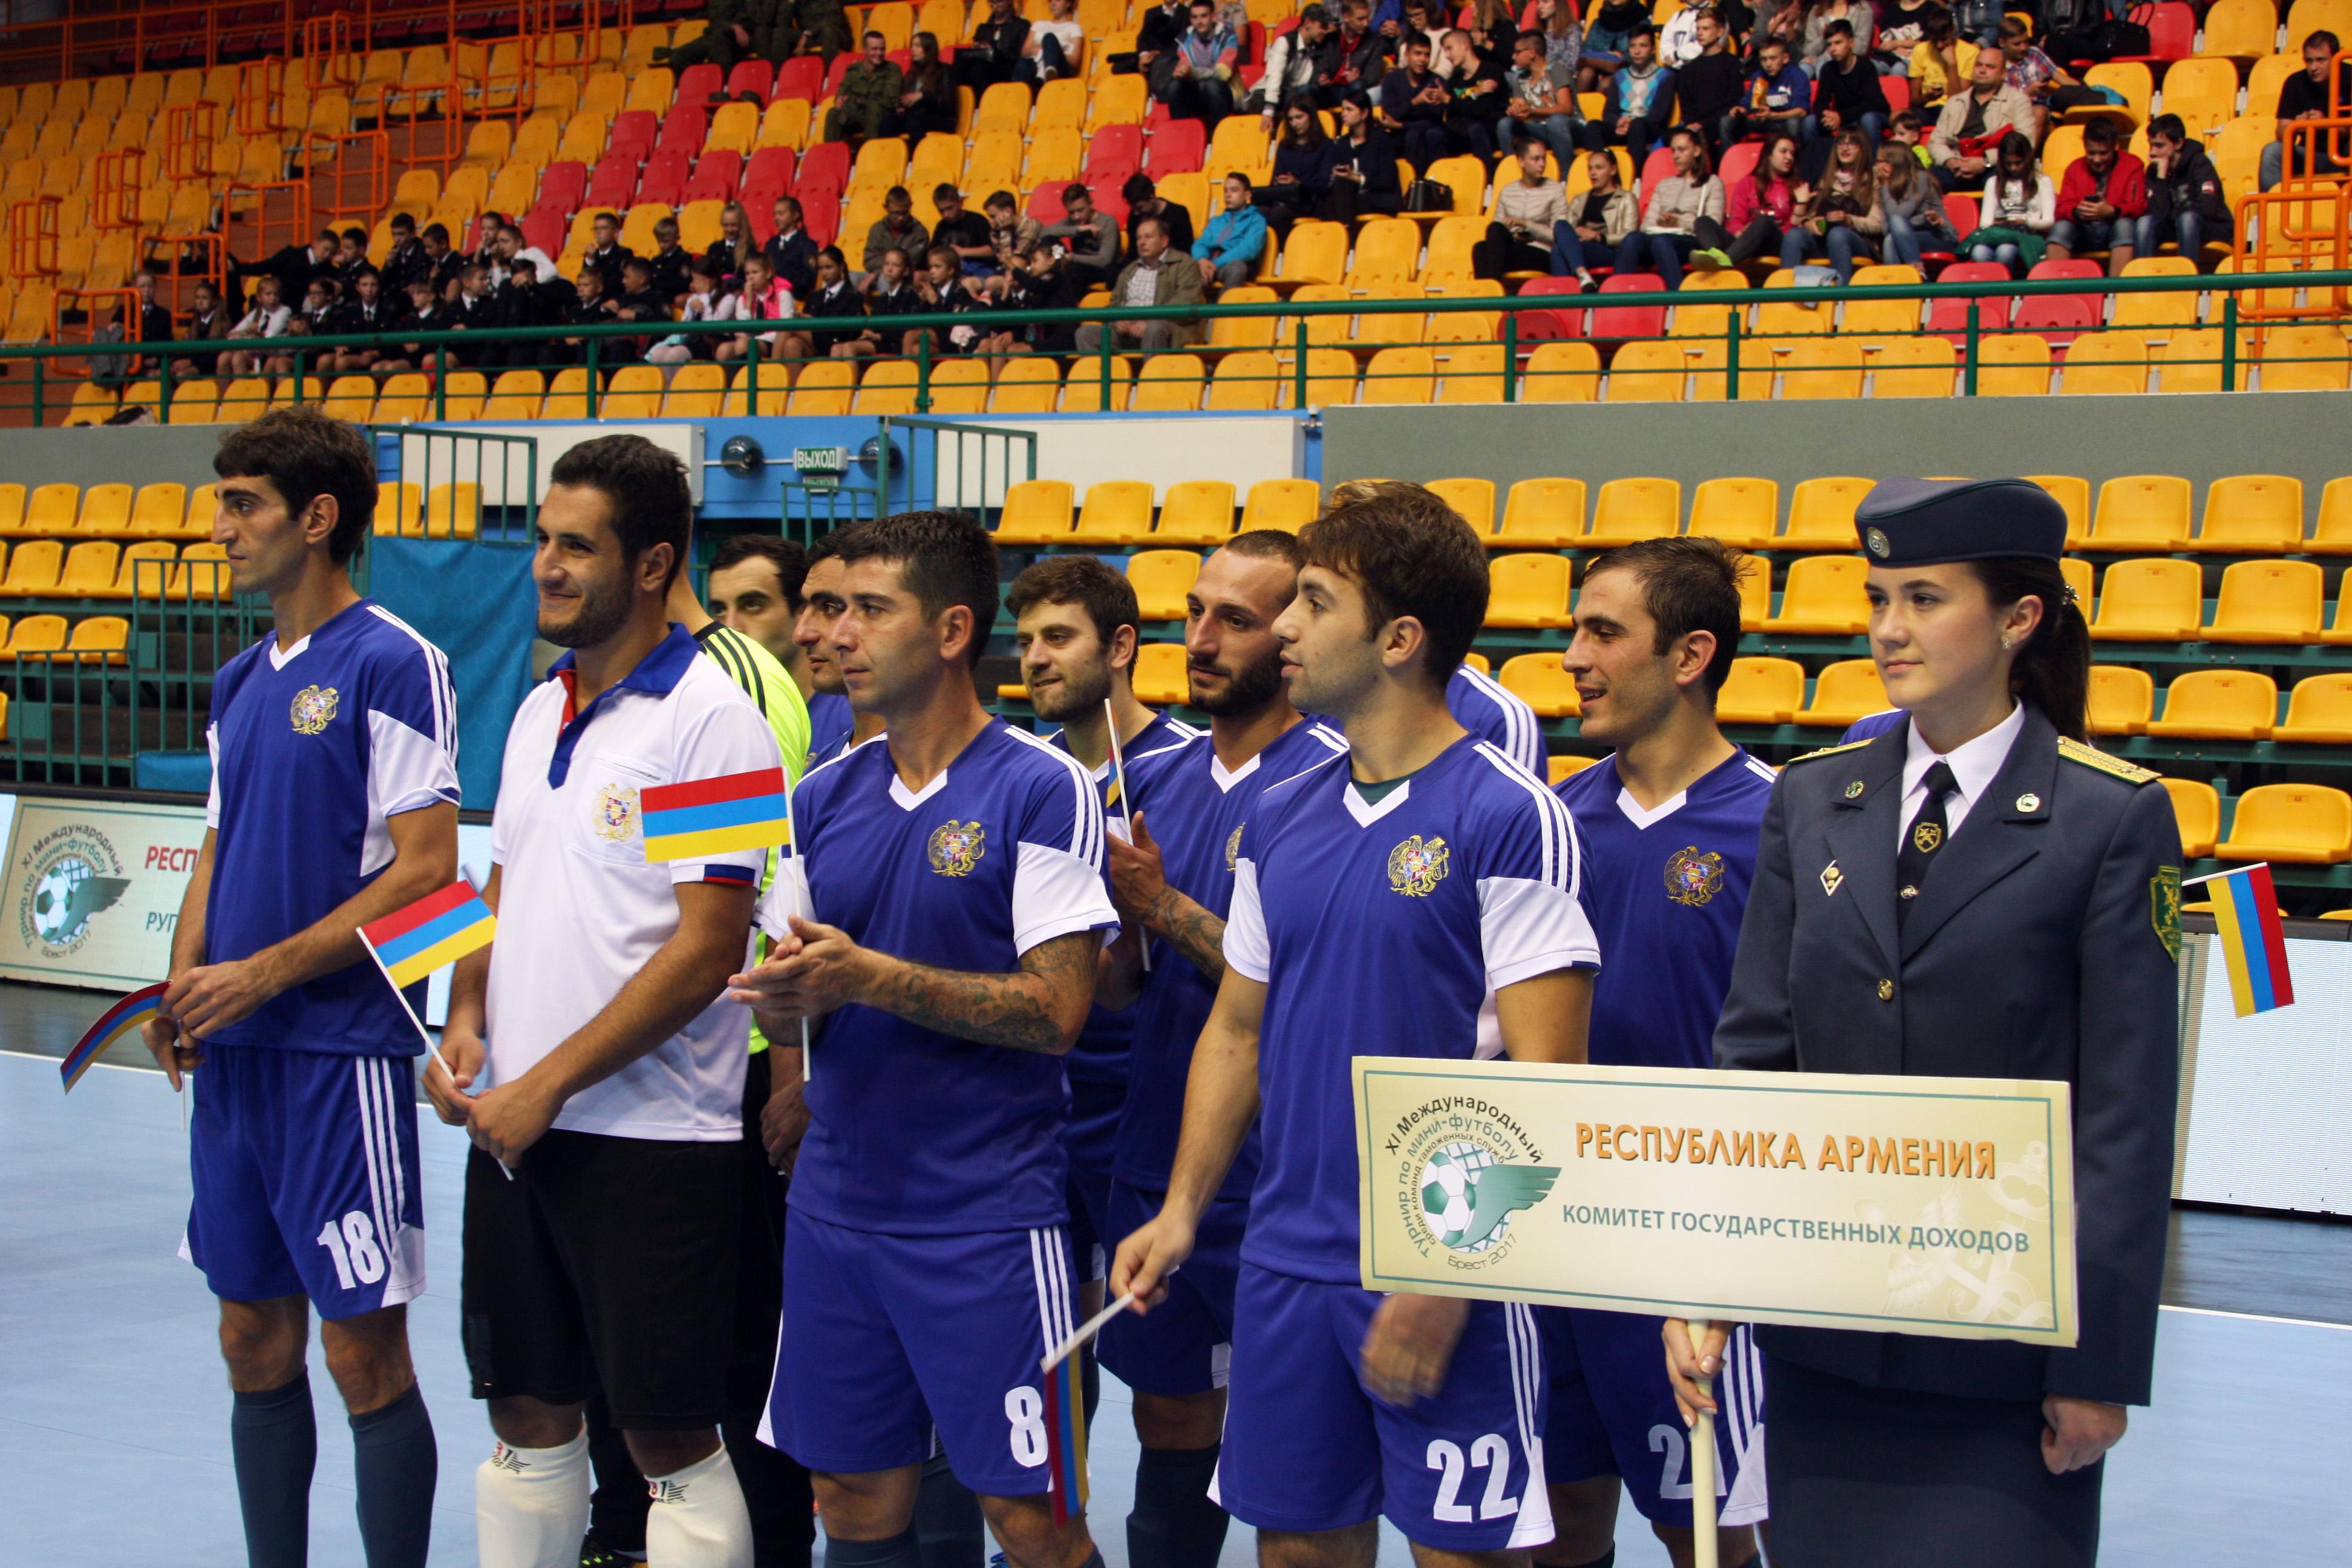 ՊԵԿ. Հայ մաքսավորները հաղթել են մինի-ֆուտբոլի միջազգային մրցաշարում